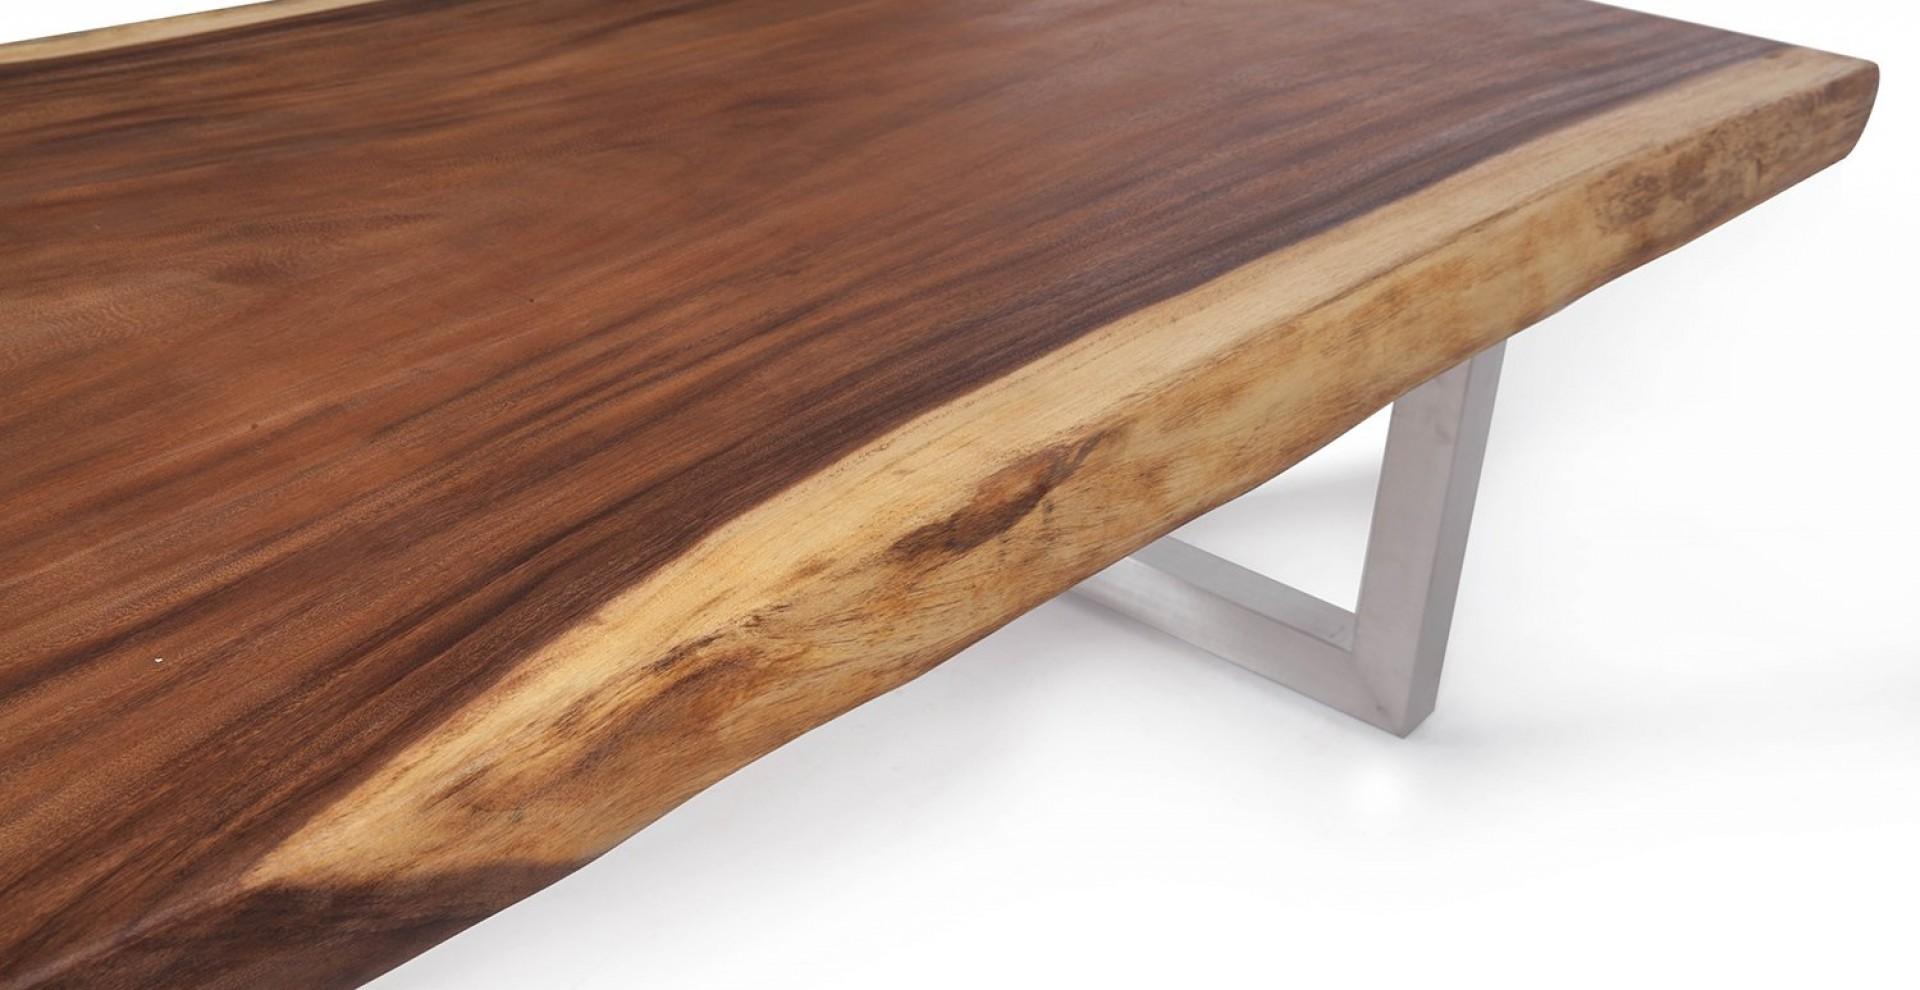 tischplatte aus baumstamm elegant massiver baumstamm tisch mammut cm massivholz akazie. Black Bedroom Furniture Sets. Home Design Ideas